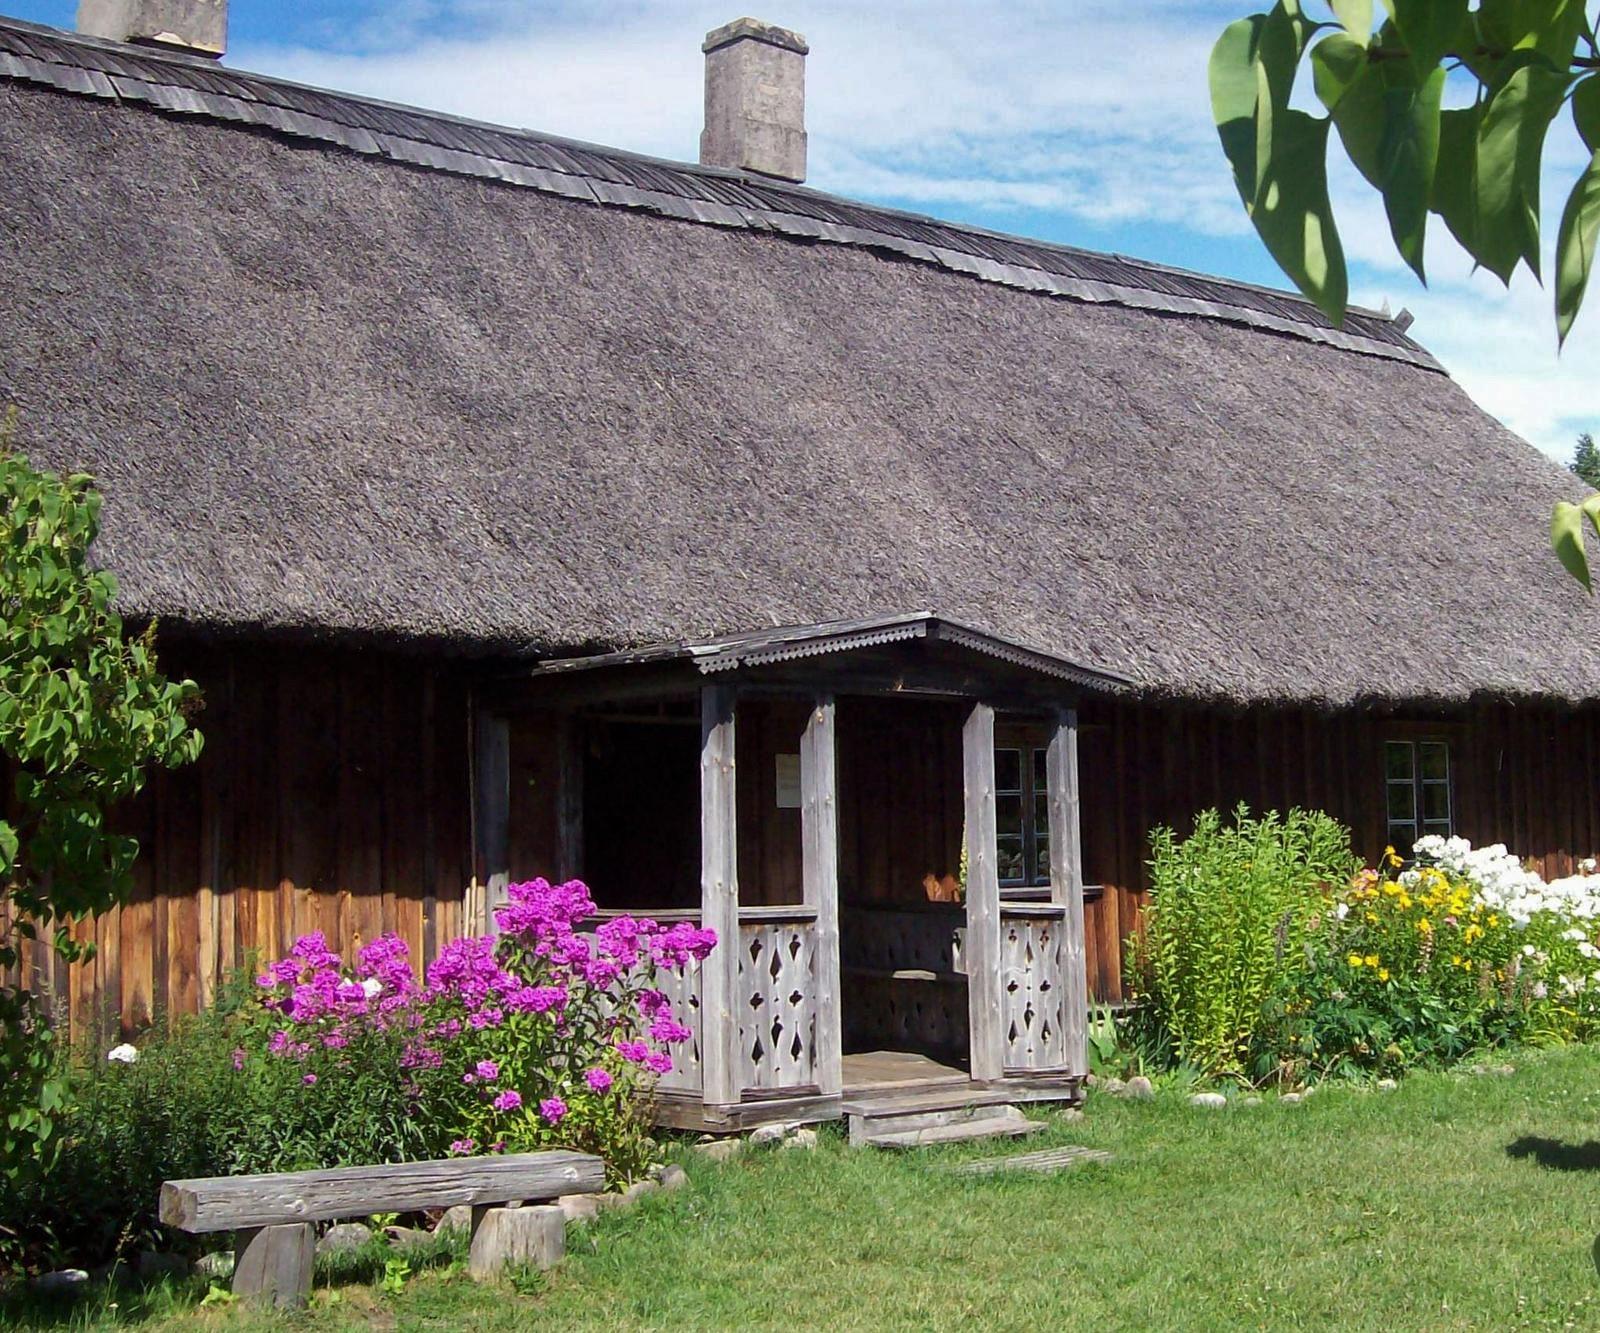 Bauernhaus aus Vidzeme, Ethnographisches Freilichtmuseum von Lettland